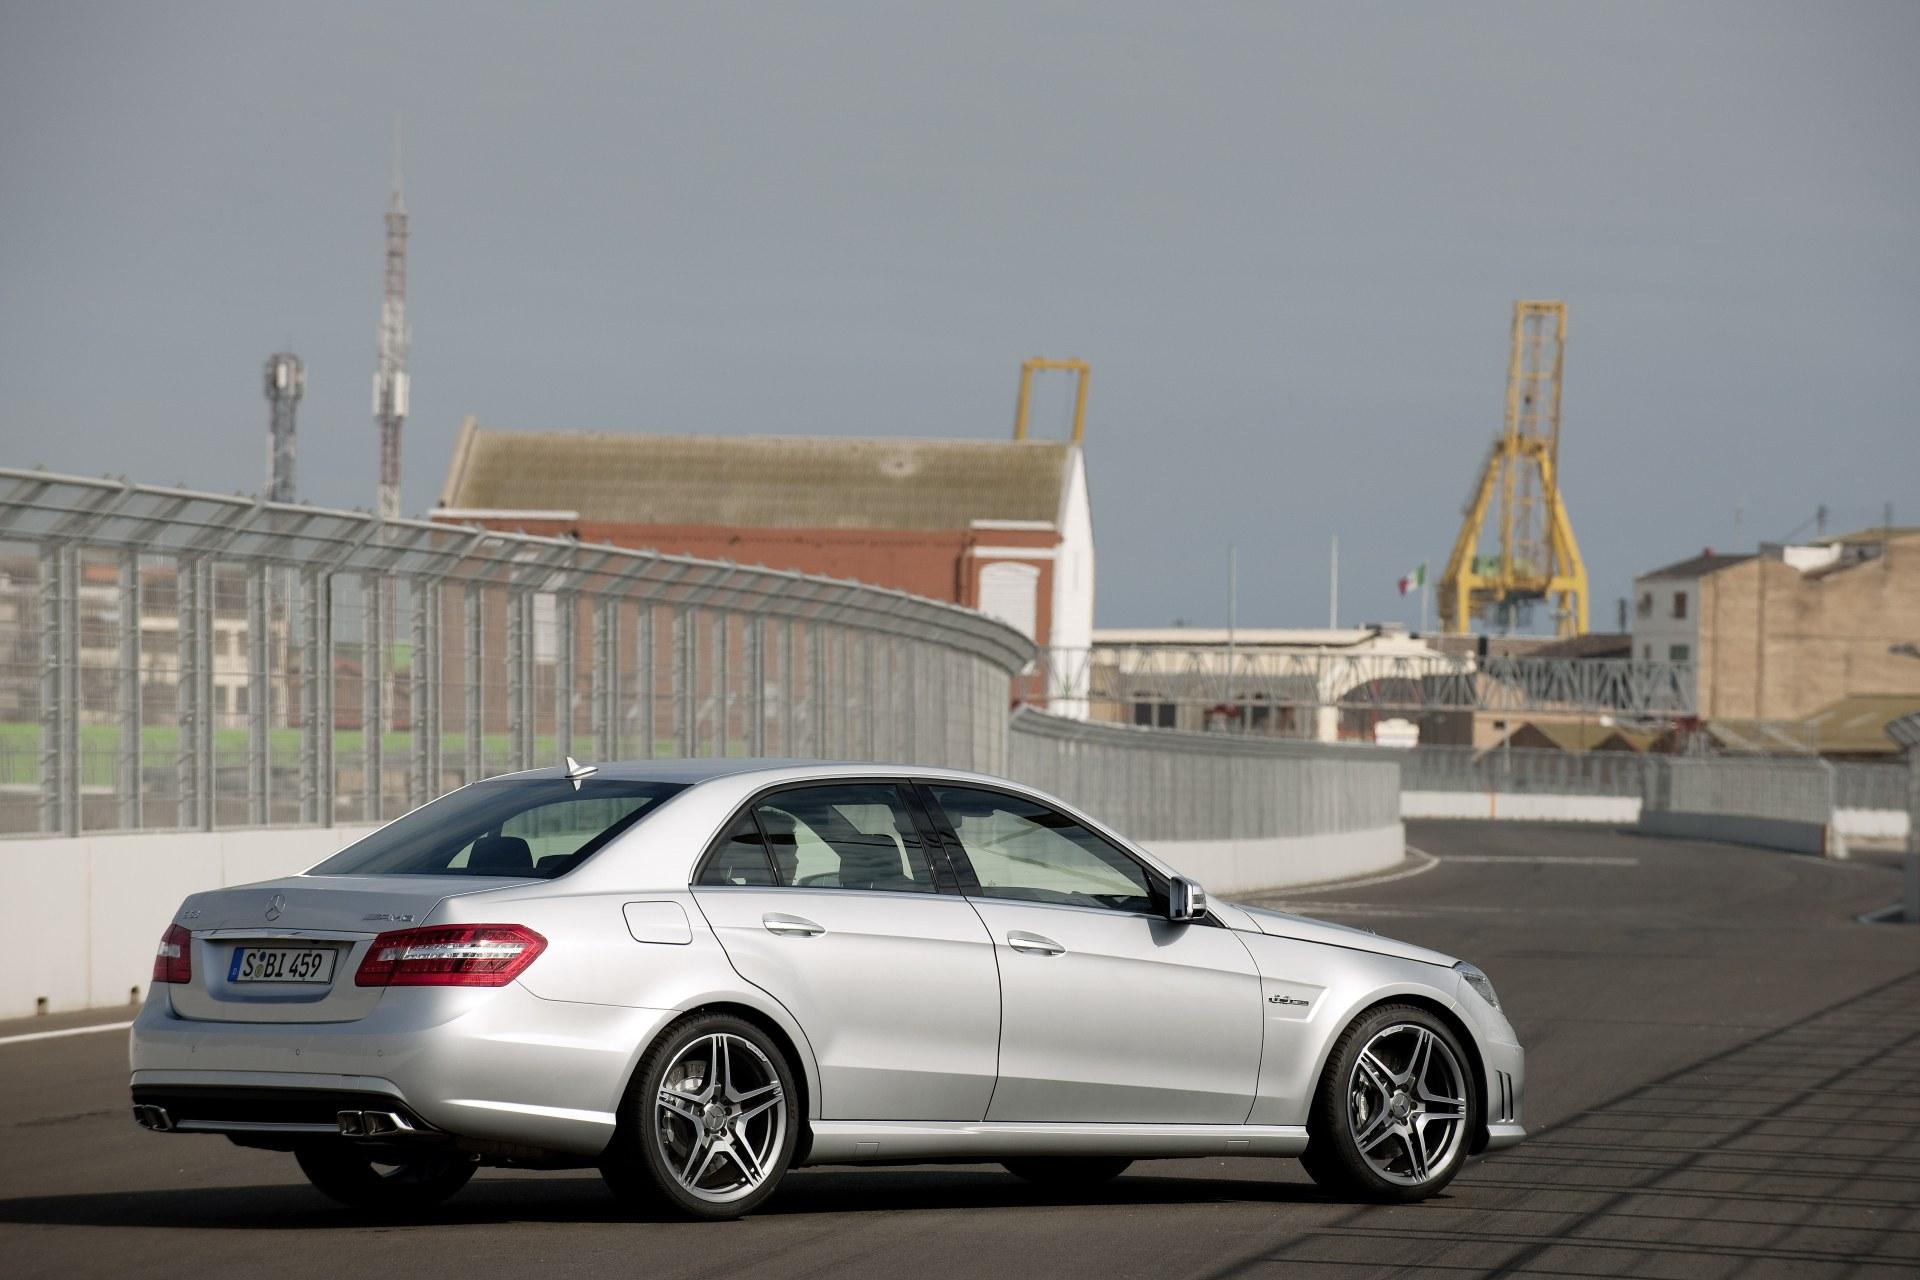 2010-mercedes-benz-e63-amg-side-rear.jpg